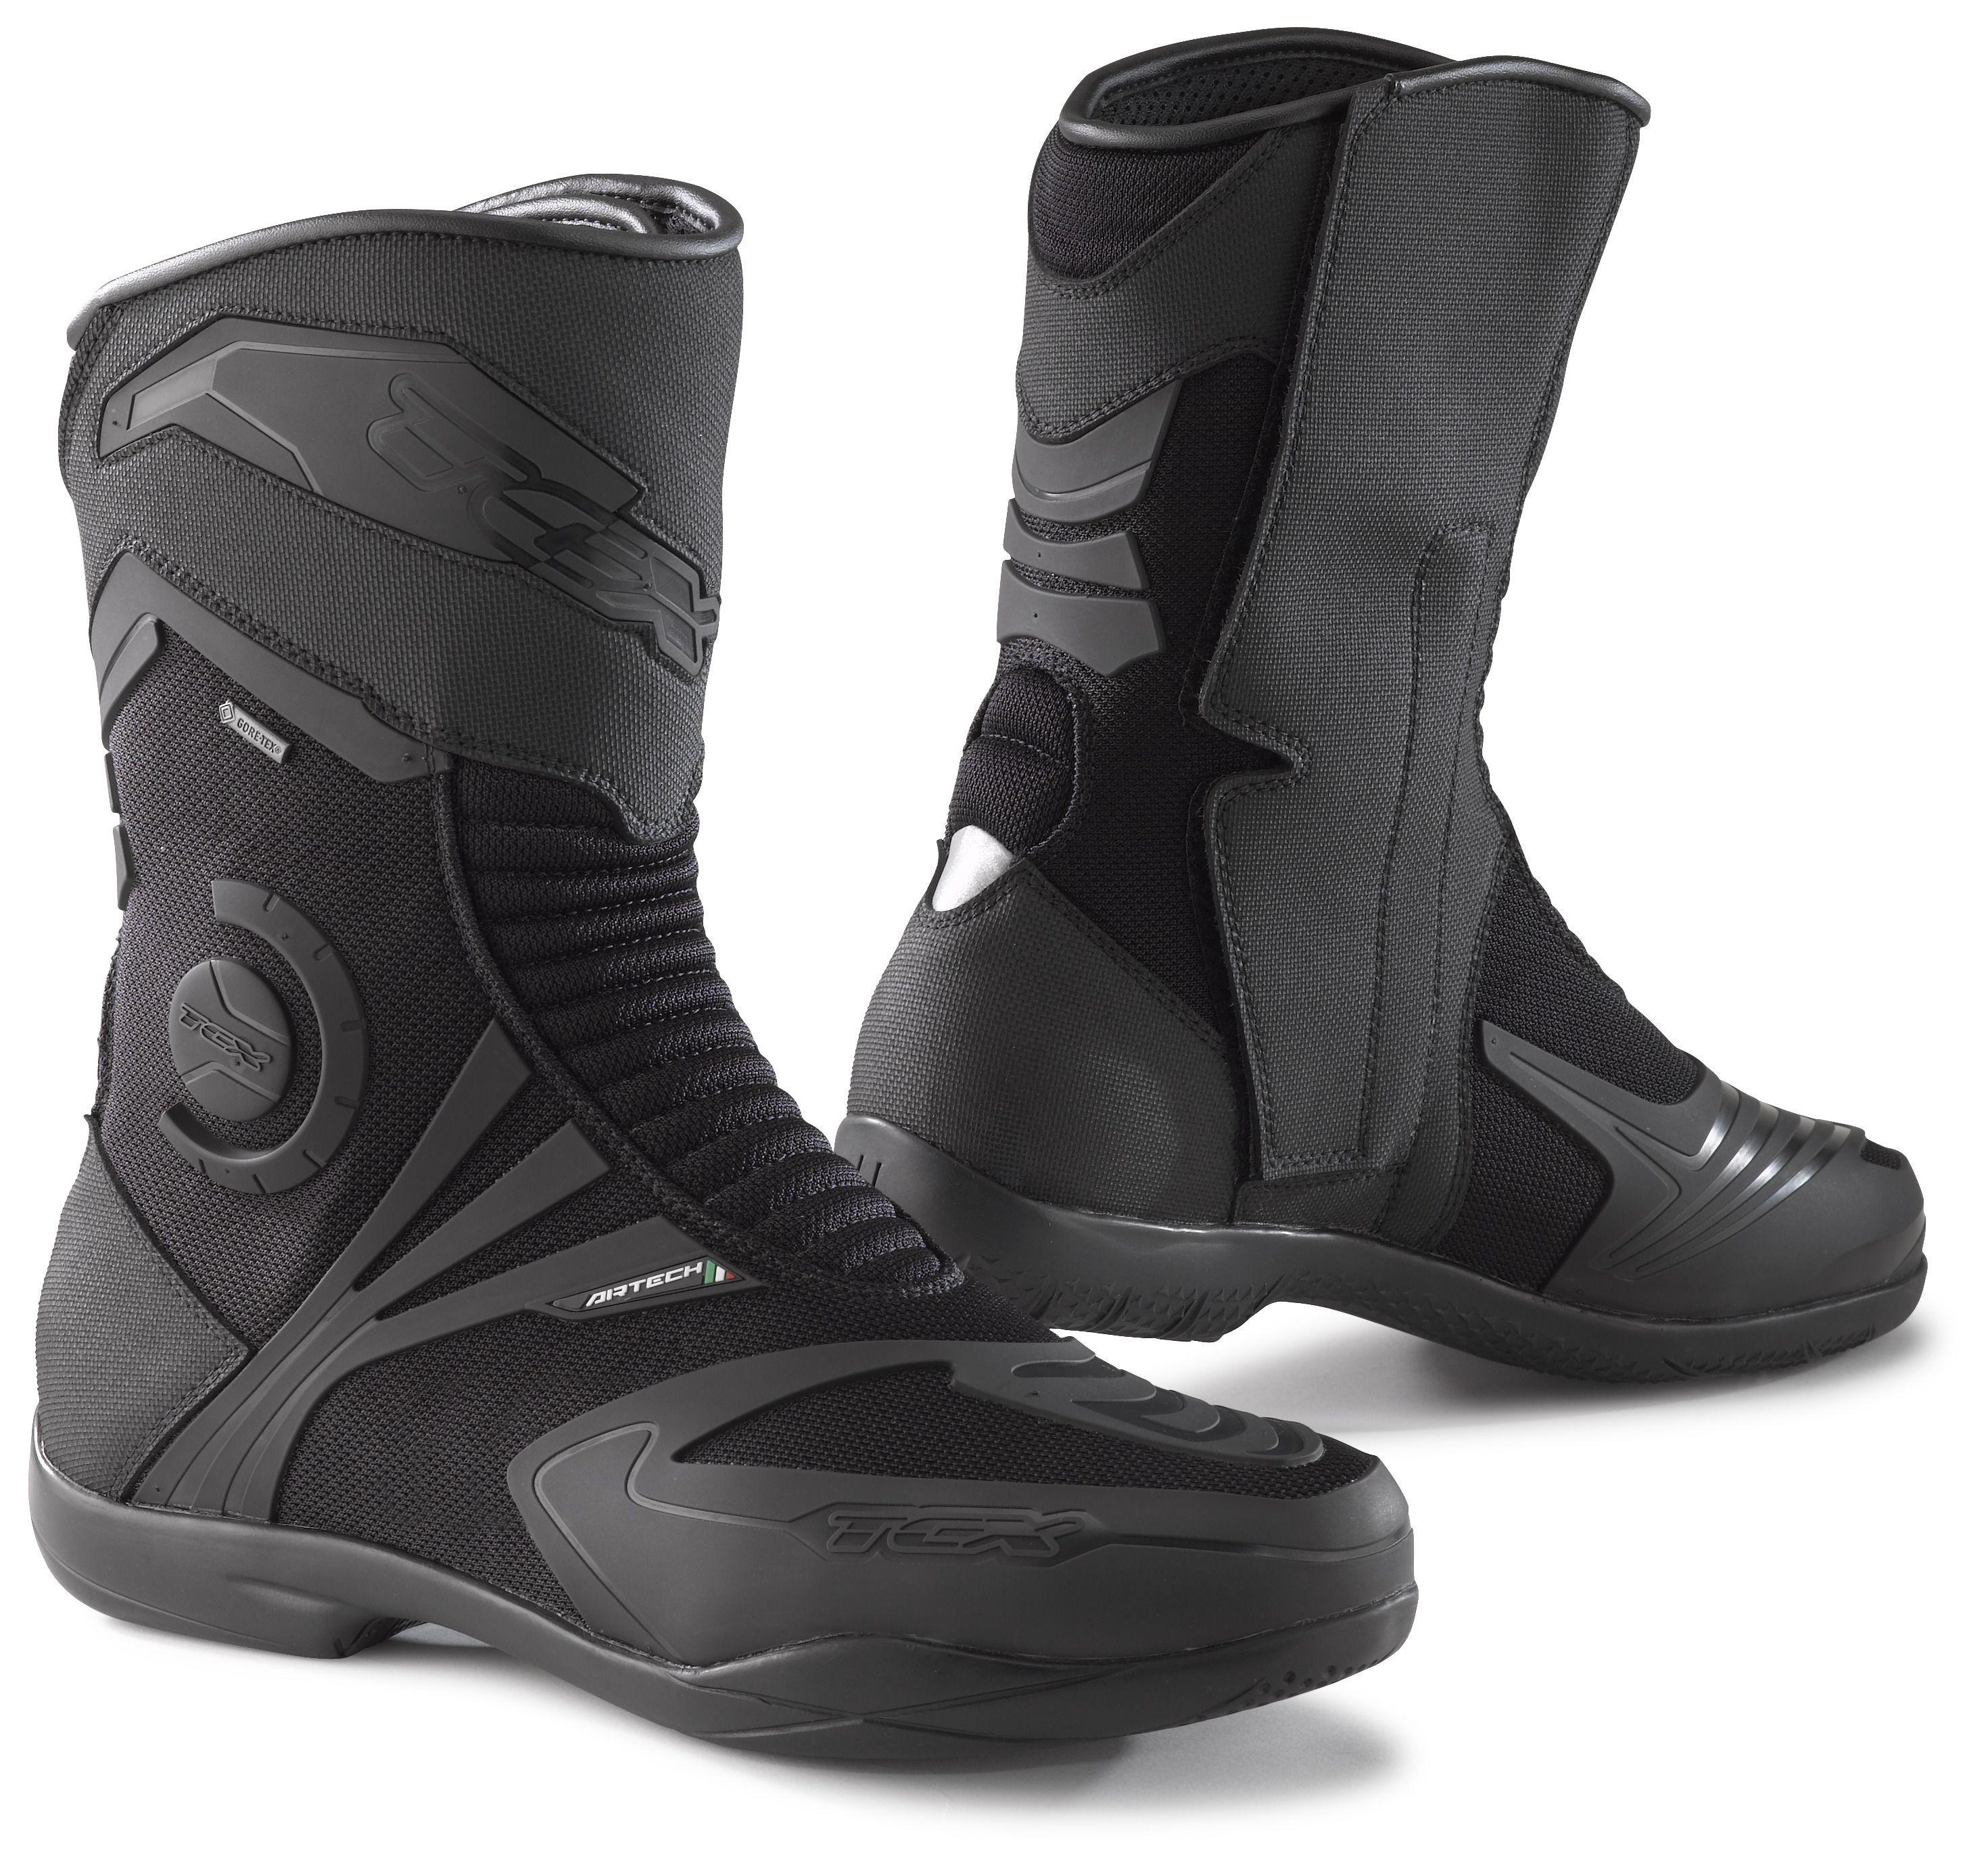 TCX Airtech EVO Gore Tex Boots RevZilla | Gore tex boots